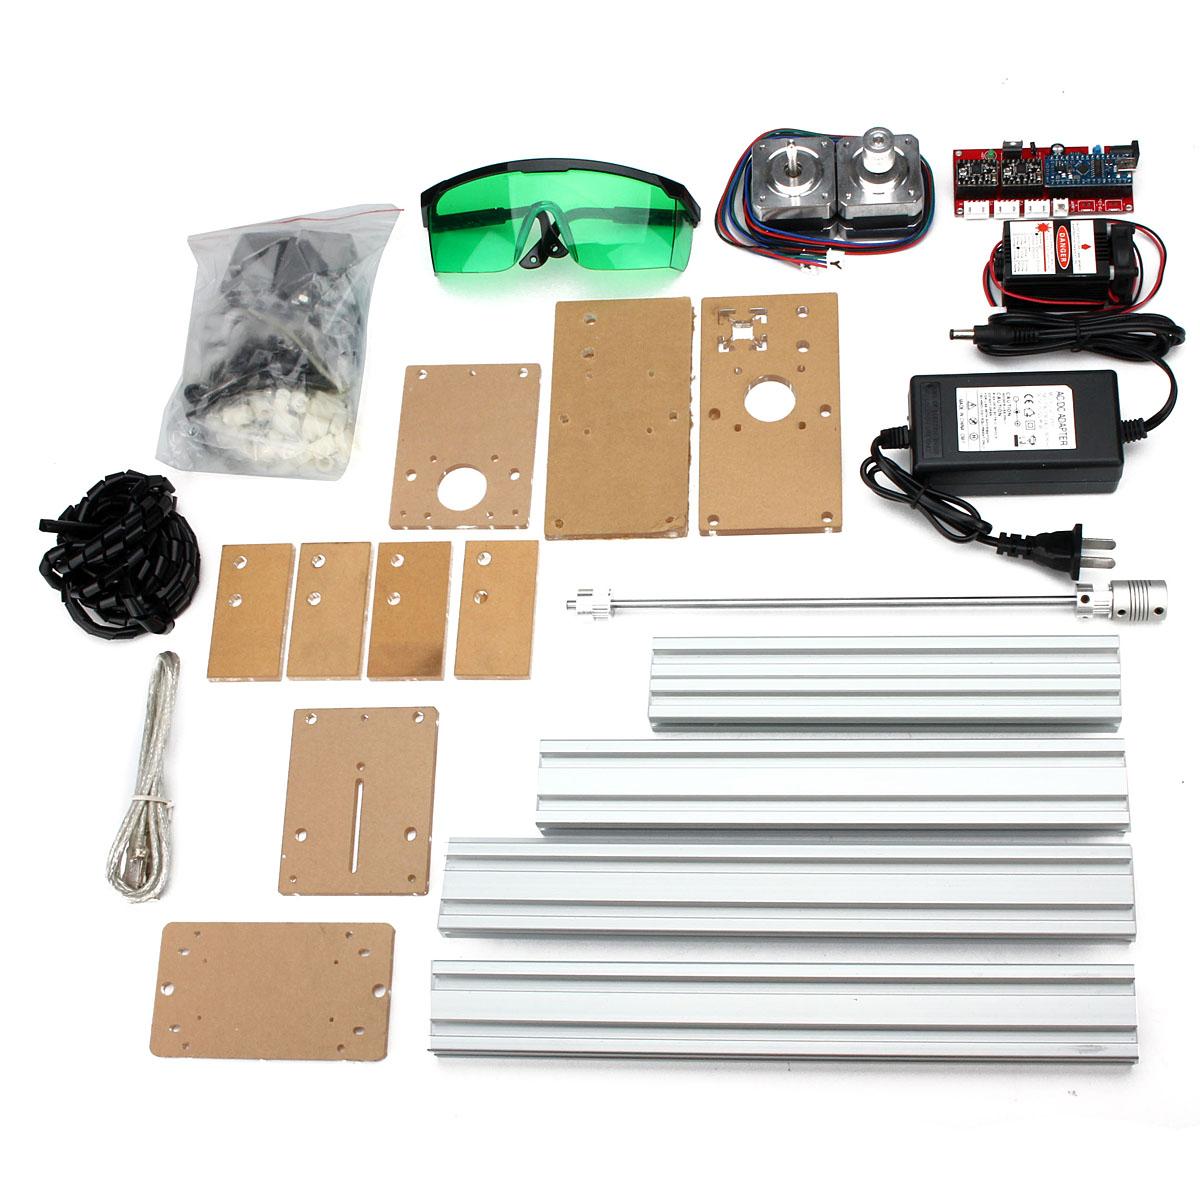 500MW Мин Лазер Гравировальный станок DIY комплект Рабочий стол Лазер Резка 200X170 мм Гравировка Площадь